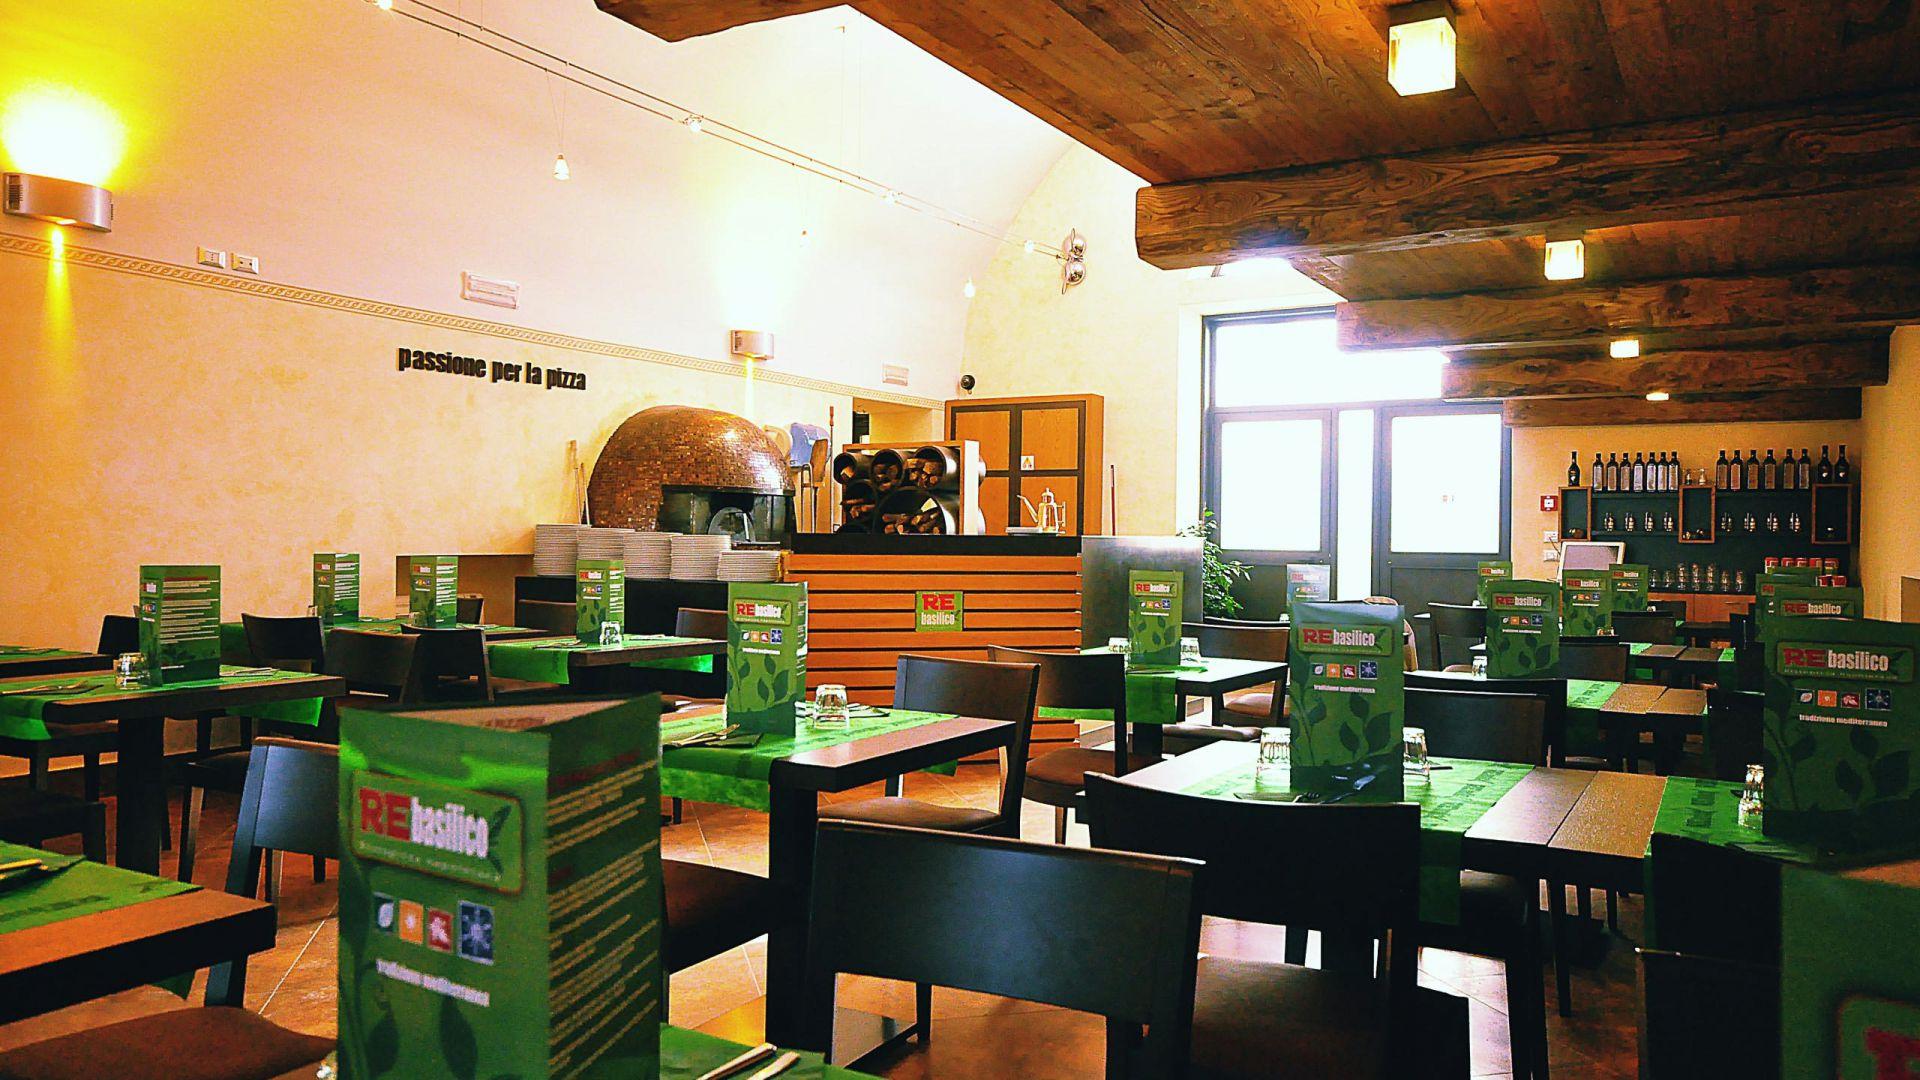 oc-casali-roma-ristorante-01